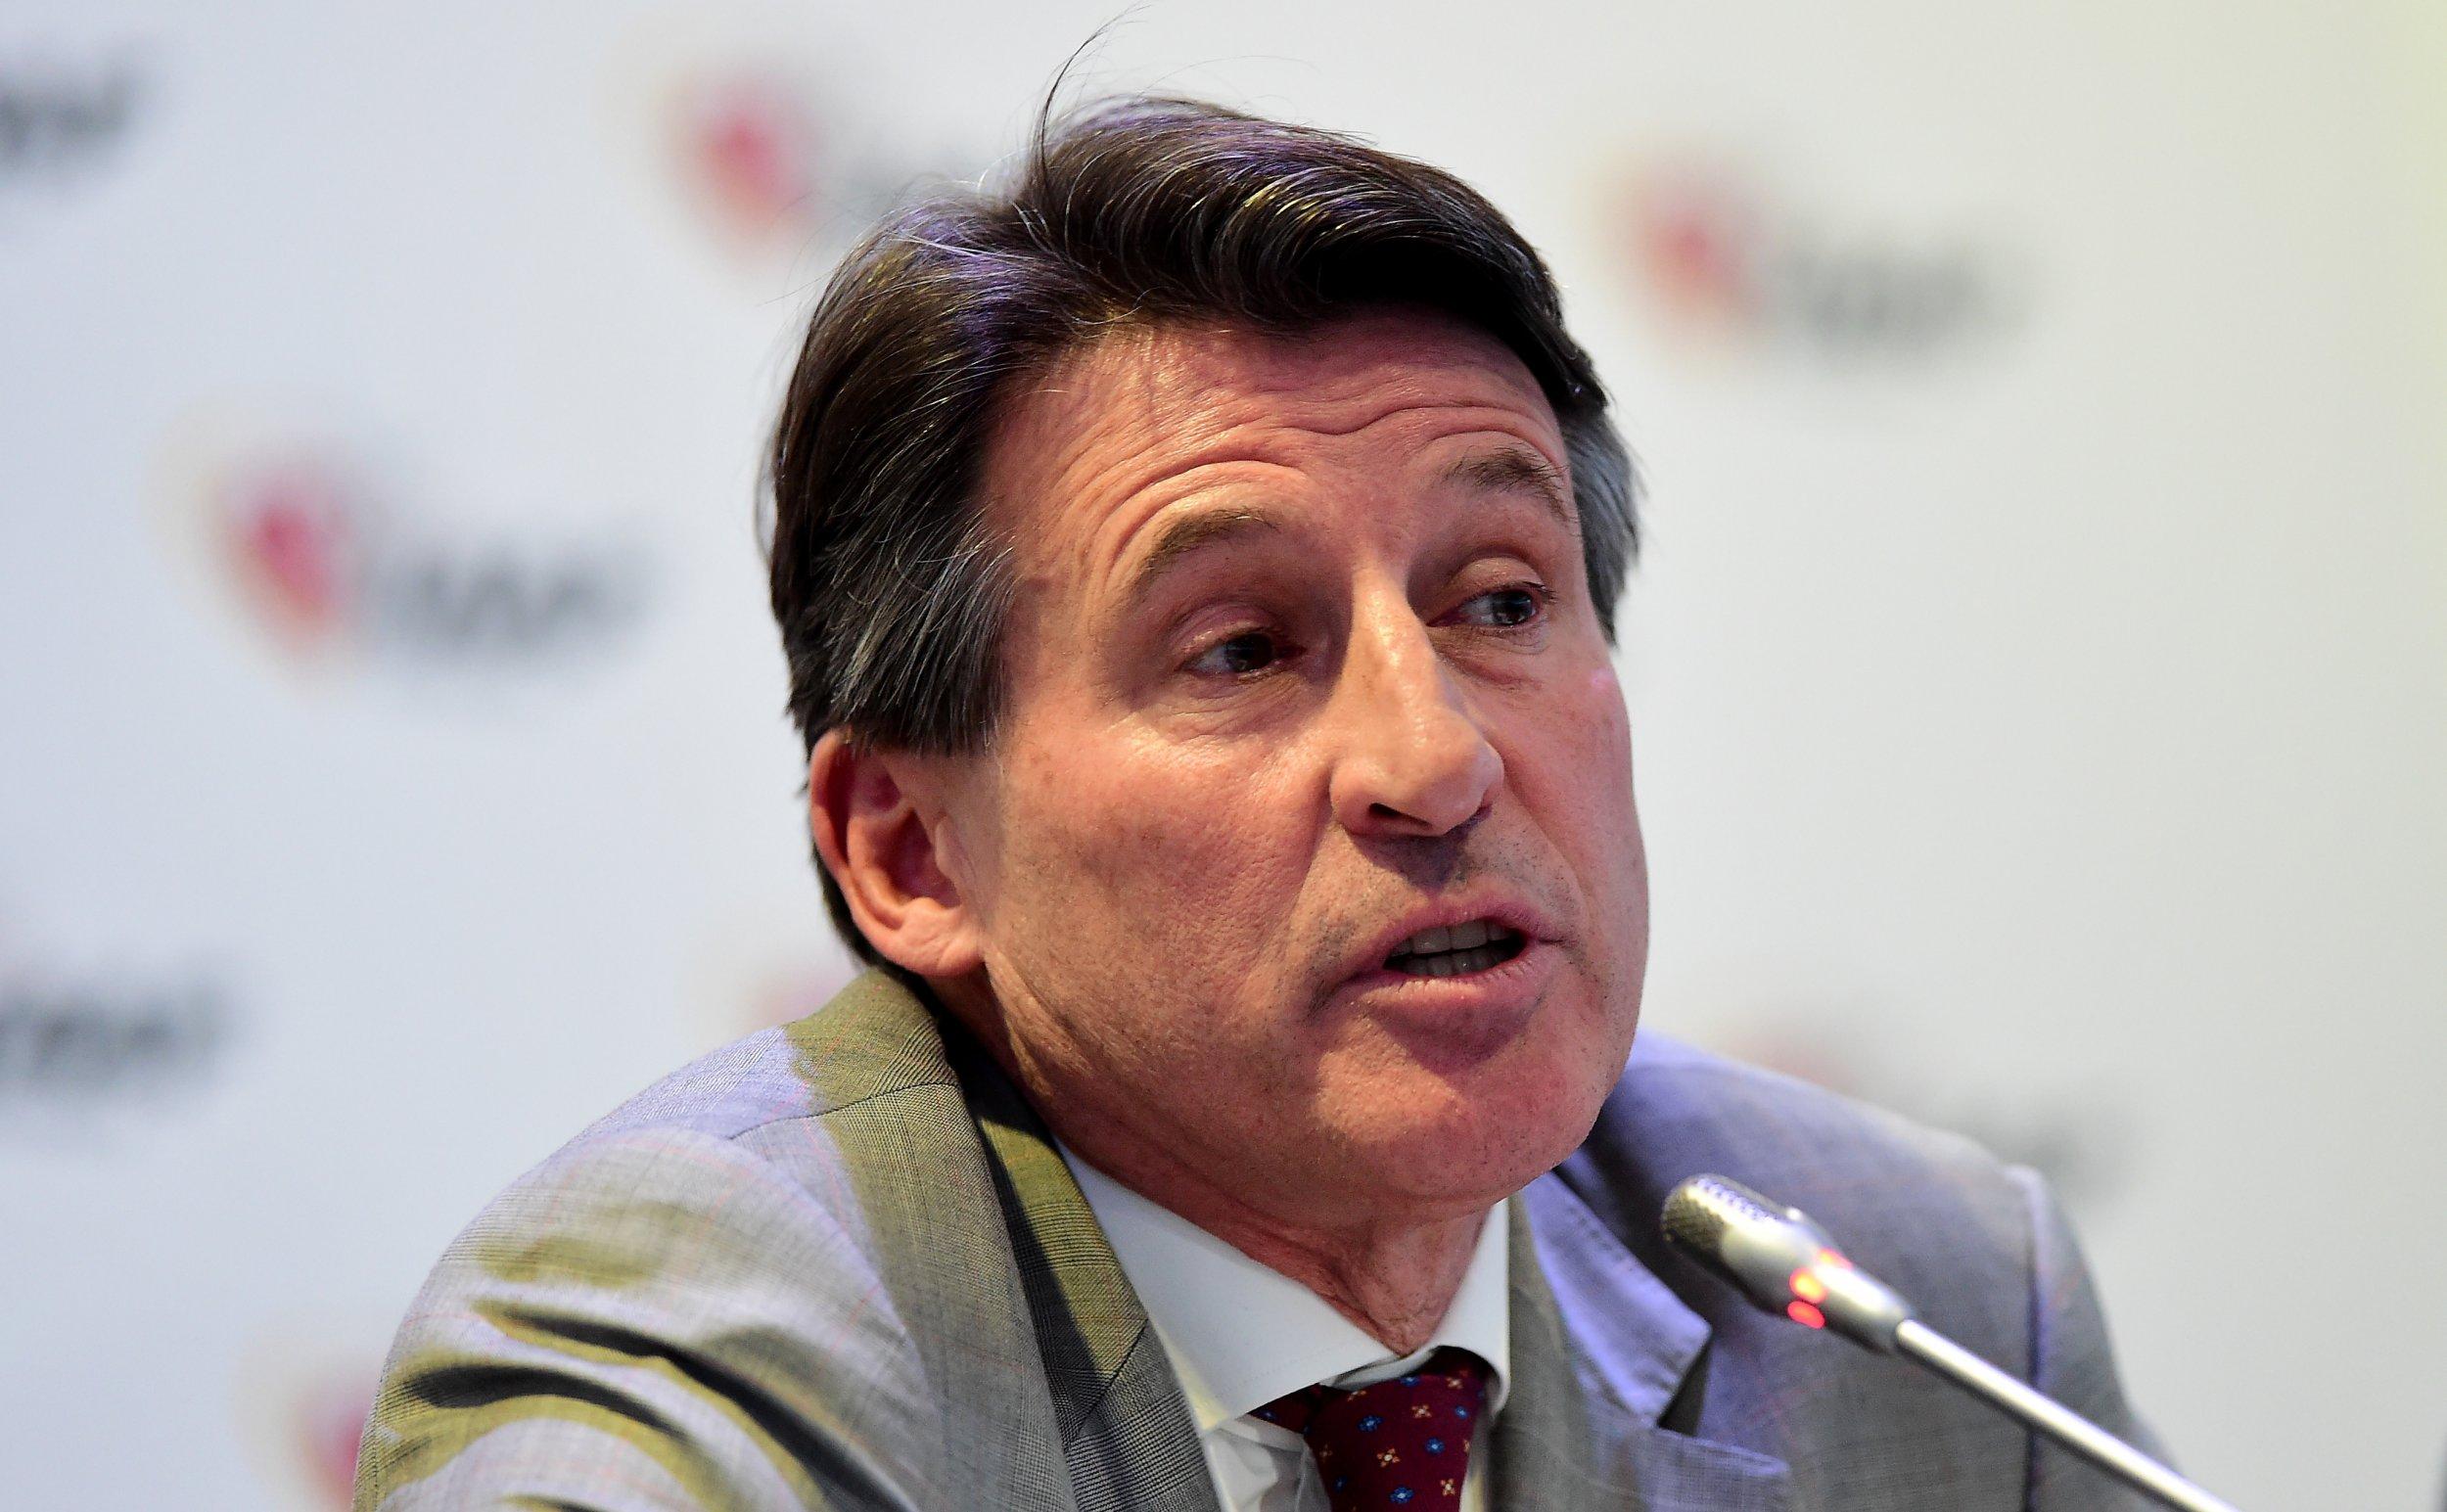 IAAF President Lord Coe is under pressure to retain sponsors.